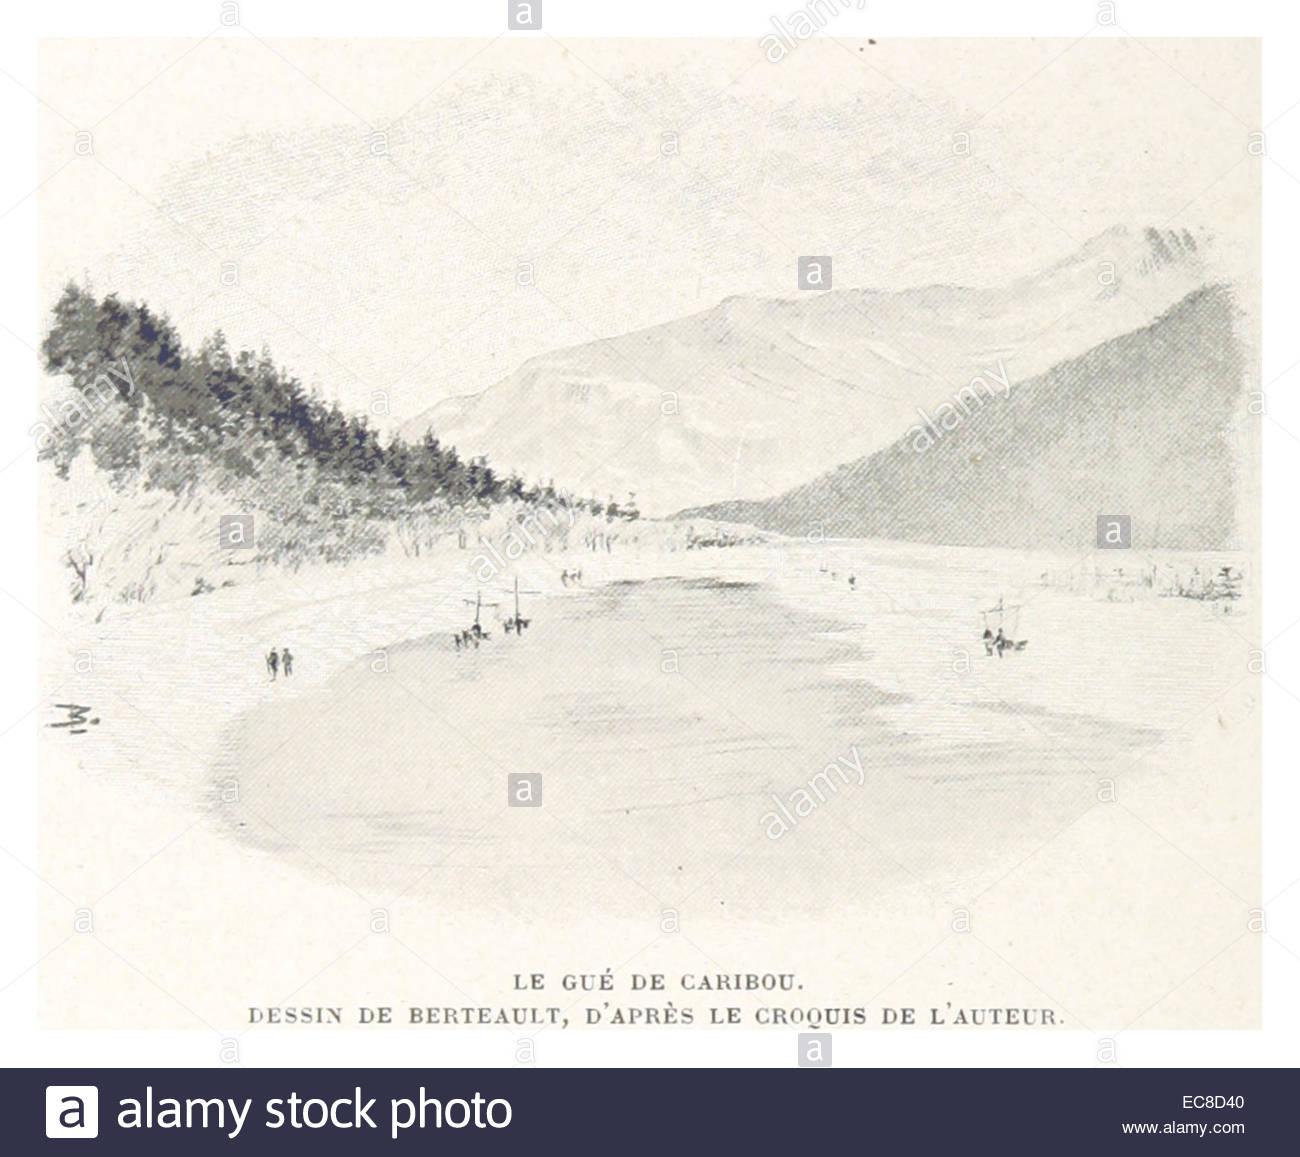 Boillot(1899) P074 Le Guc389 De Caribou. Dessin De Berteault concernant Caribou Dessin